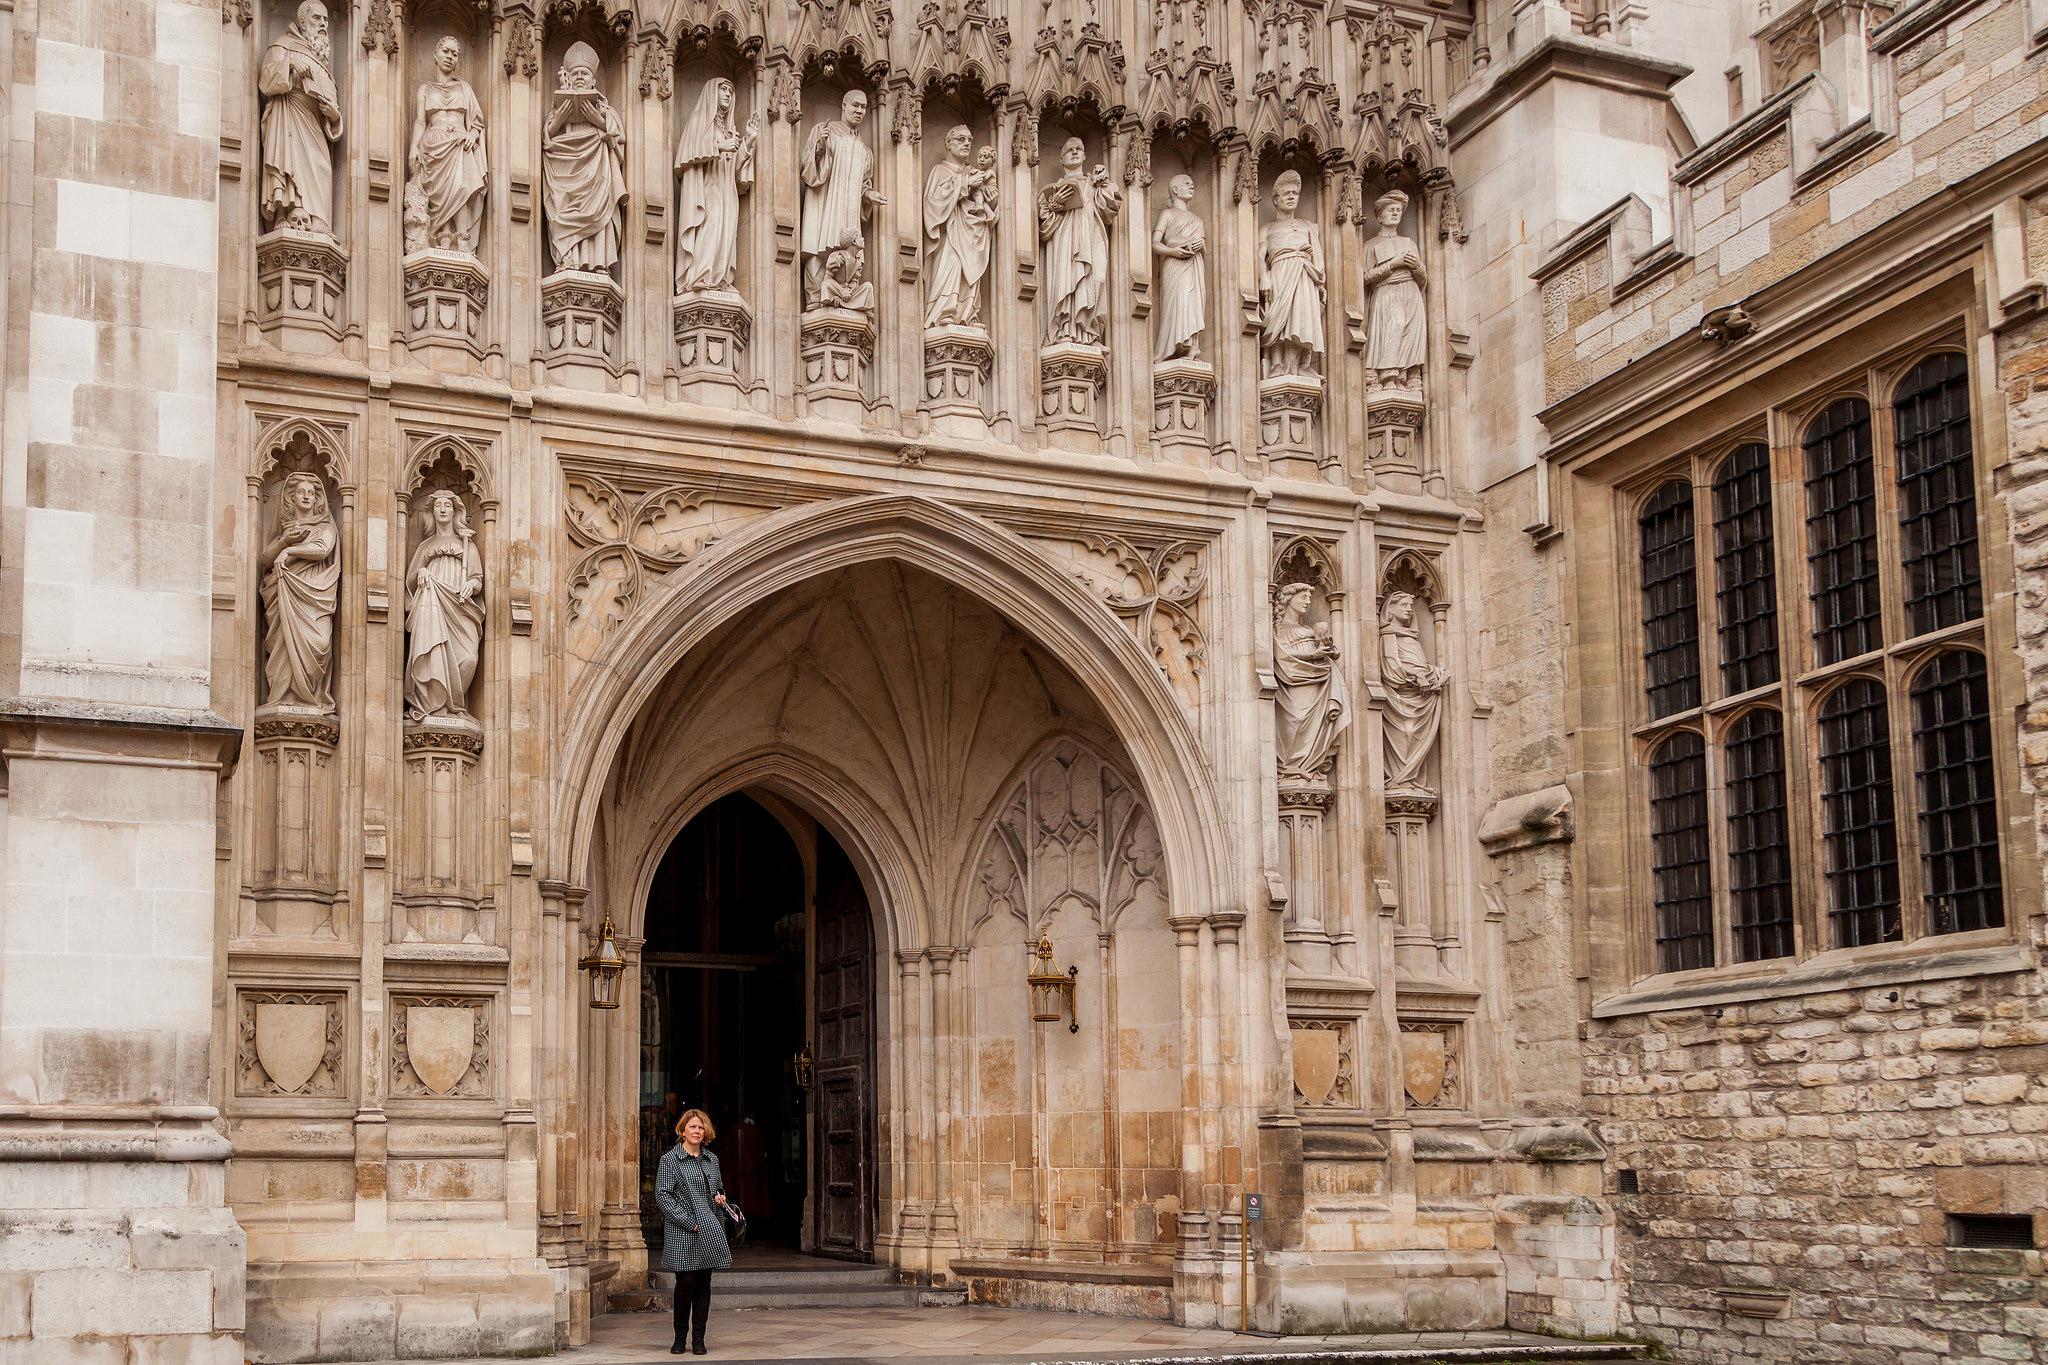 Вход в Вестминстерское аббатство, Лондон